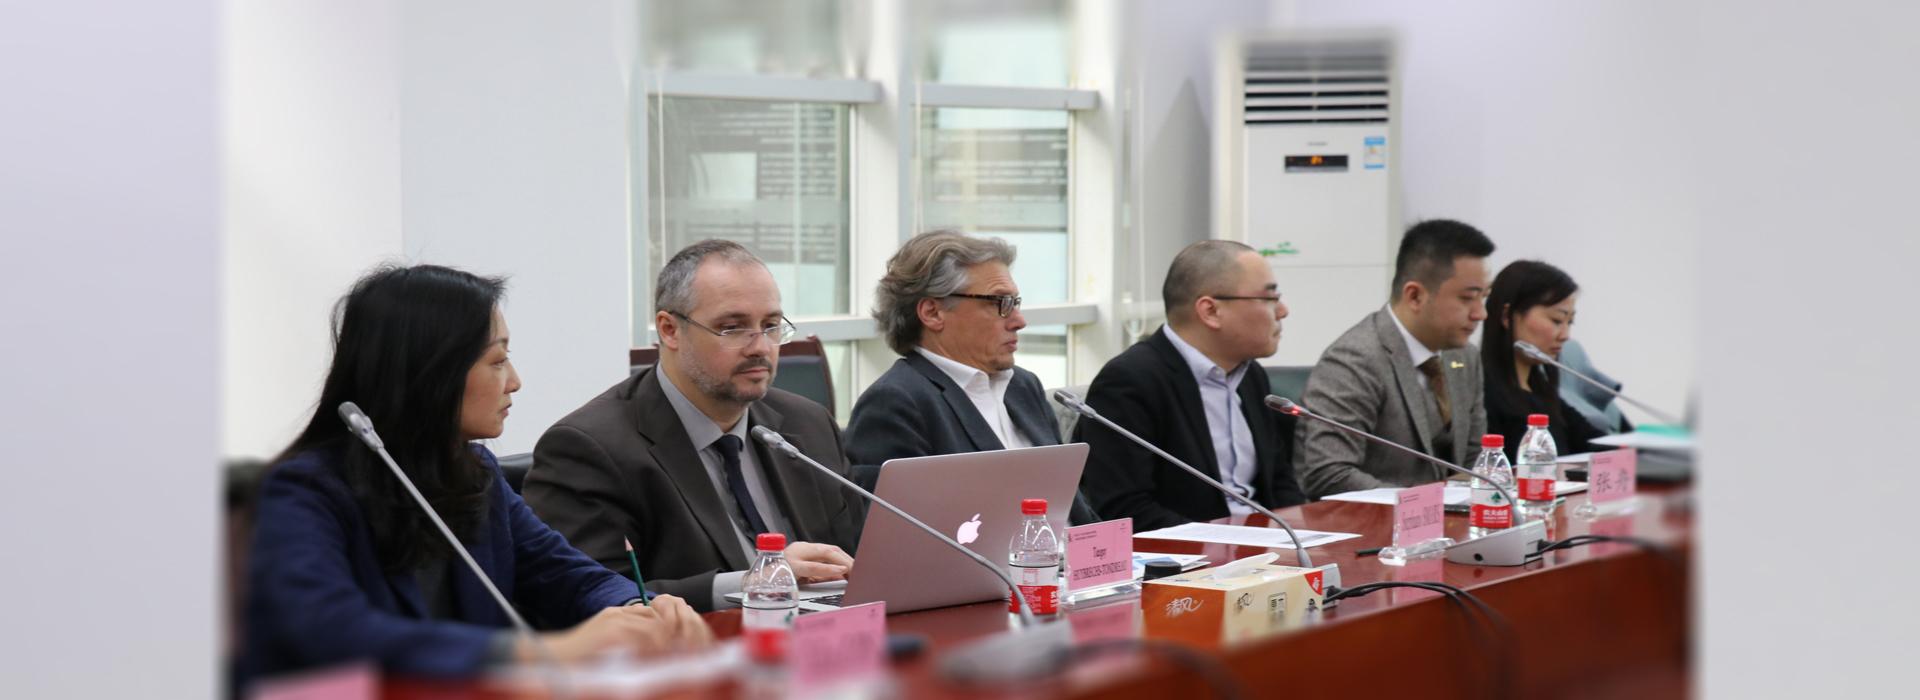 2018年1月8日,由北斗西虹桥基地与比利时驻沪总领事馆共同主办的2018创新合作研讨会隆重召开。